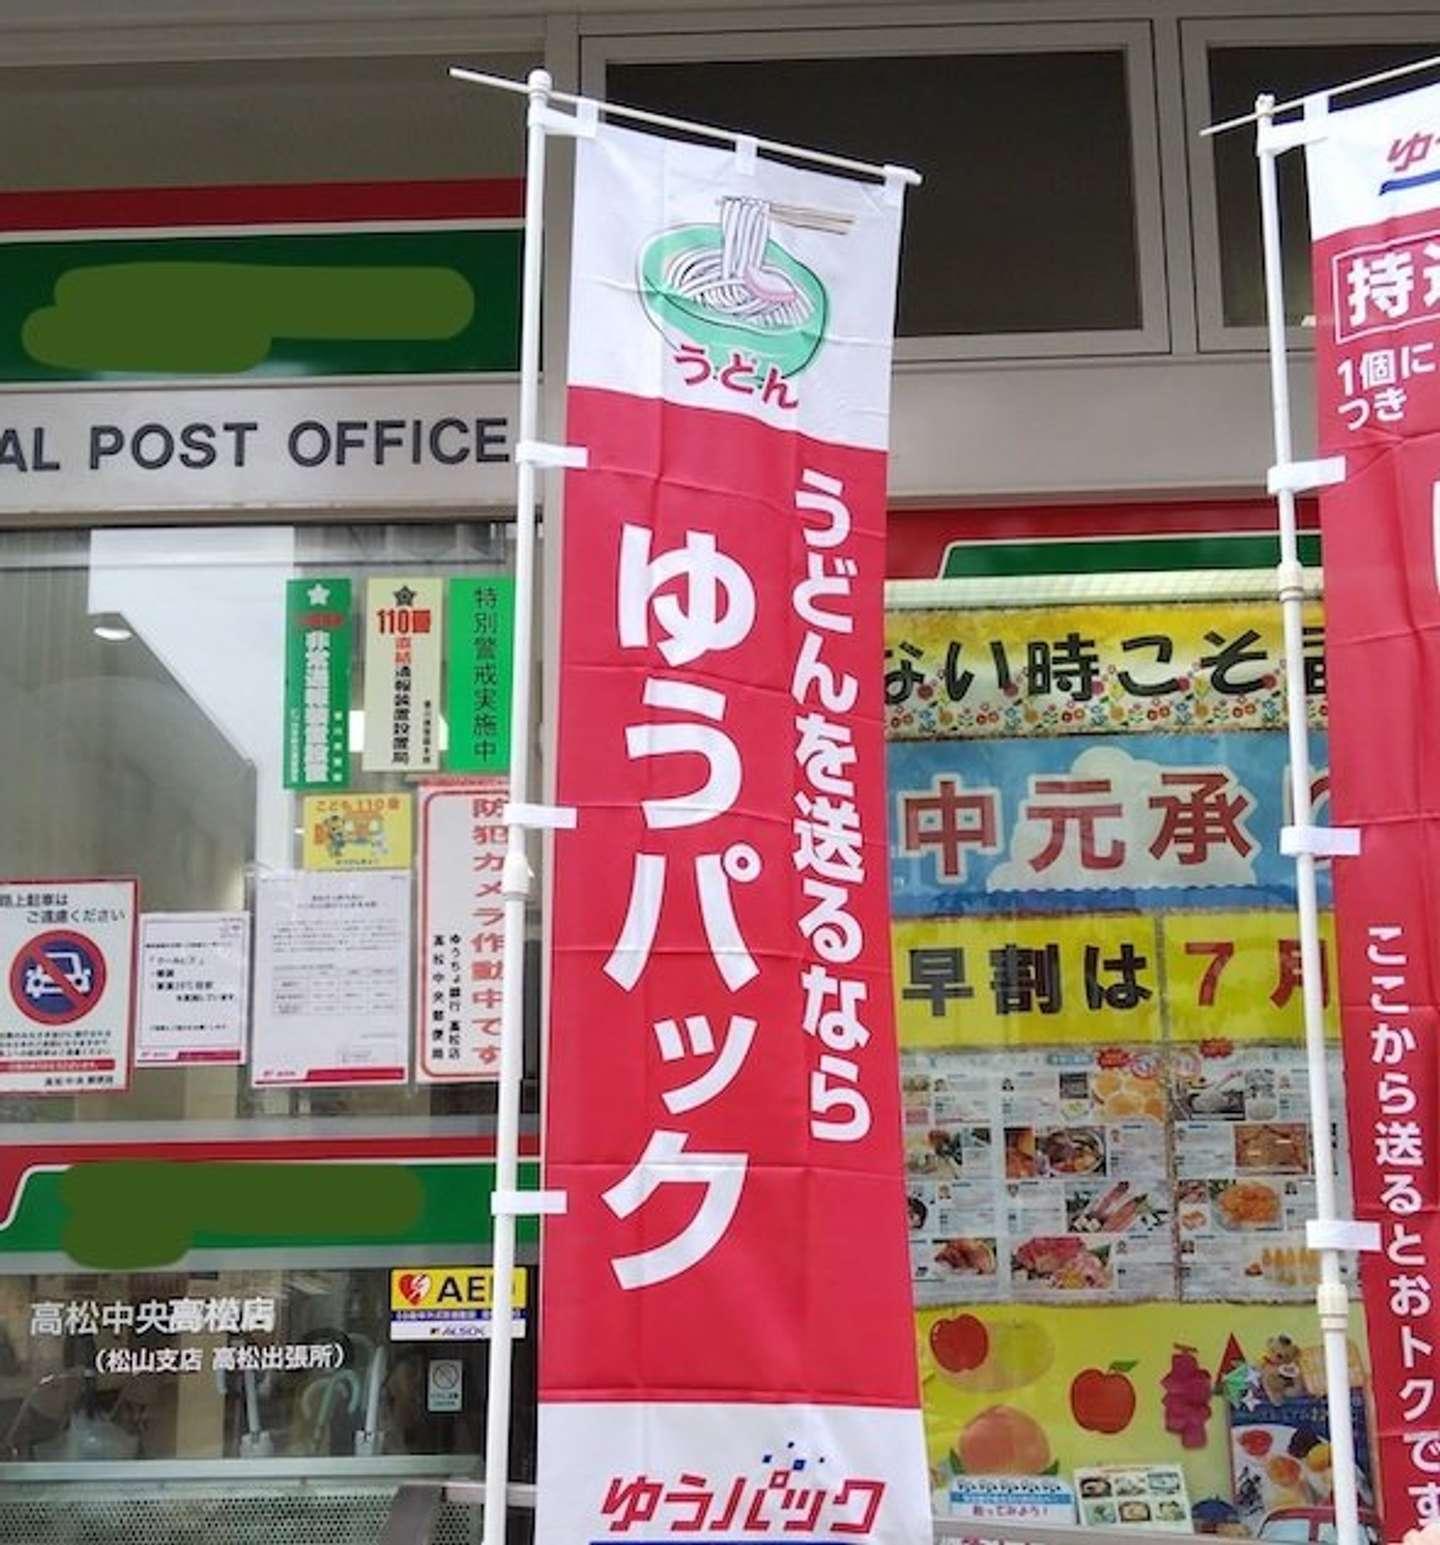 (画像提供:日本郵便株式会社四国支社、編集部で一部加工)